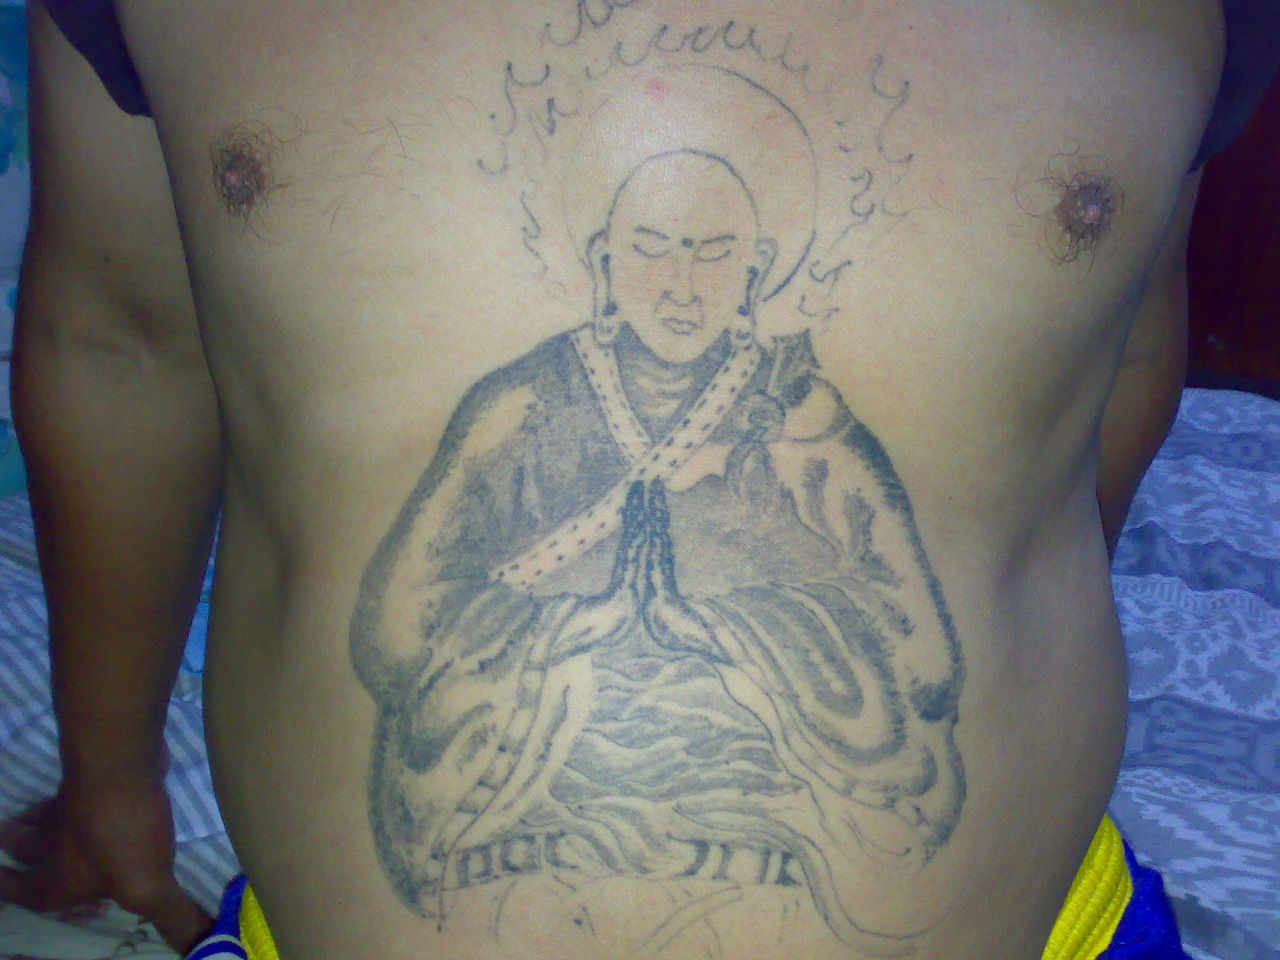 或者是在什么地方能找到,谢谢 这个纹身是未完成的,原图上还有一条龙图片